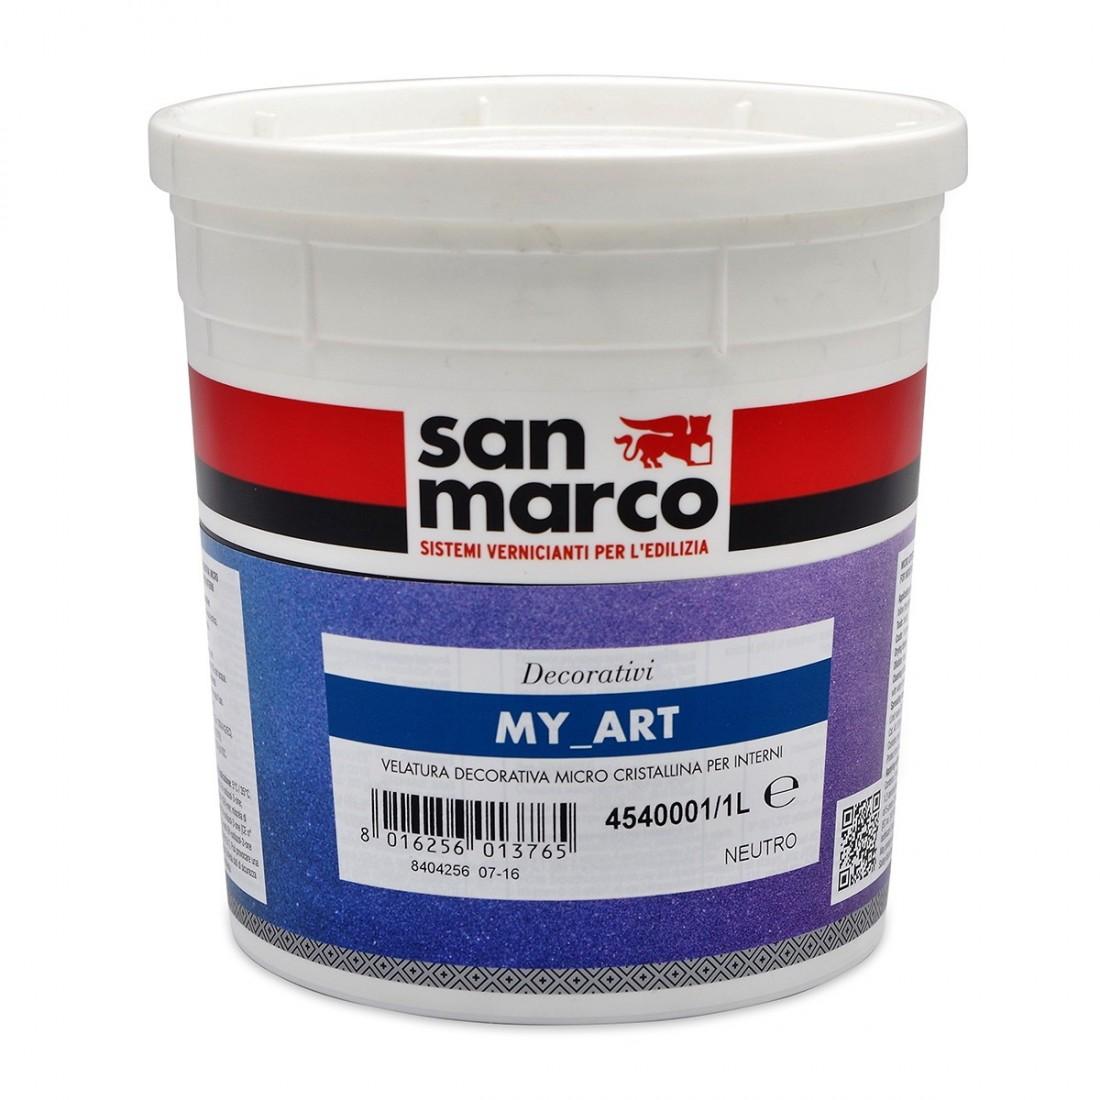 My Art Vernis Professionnel Paillettes D Coration Murale San Marco